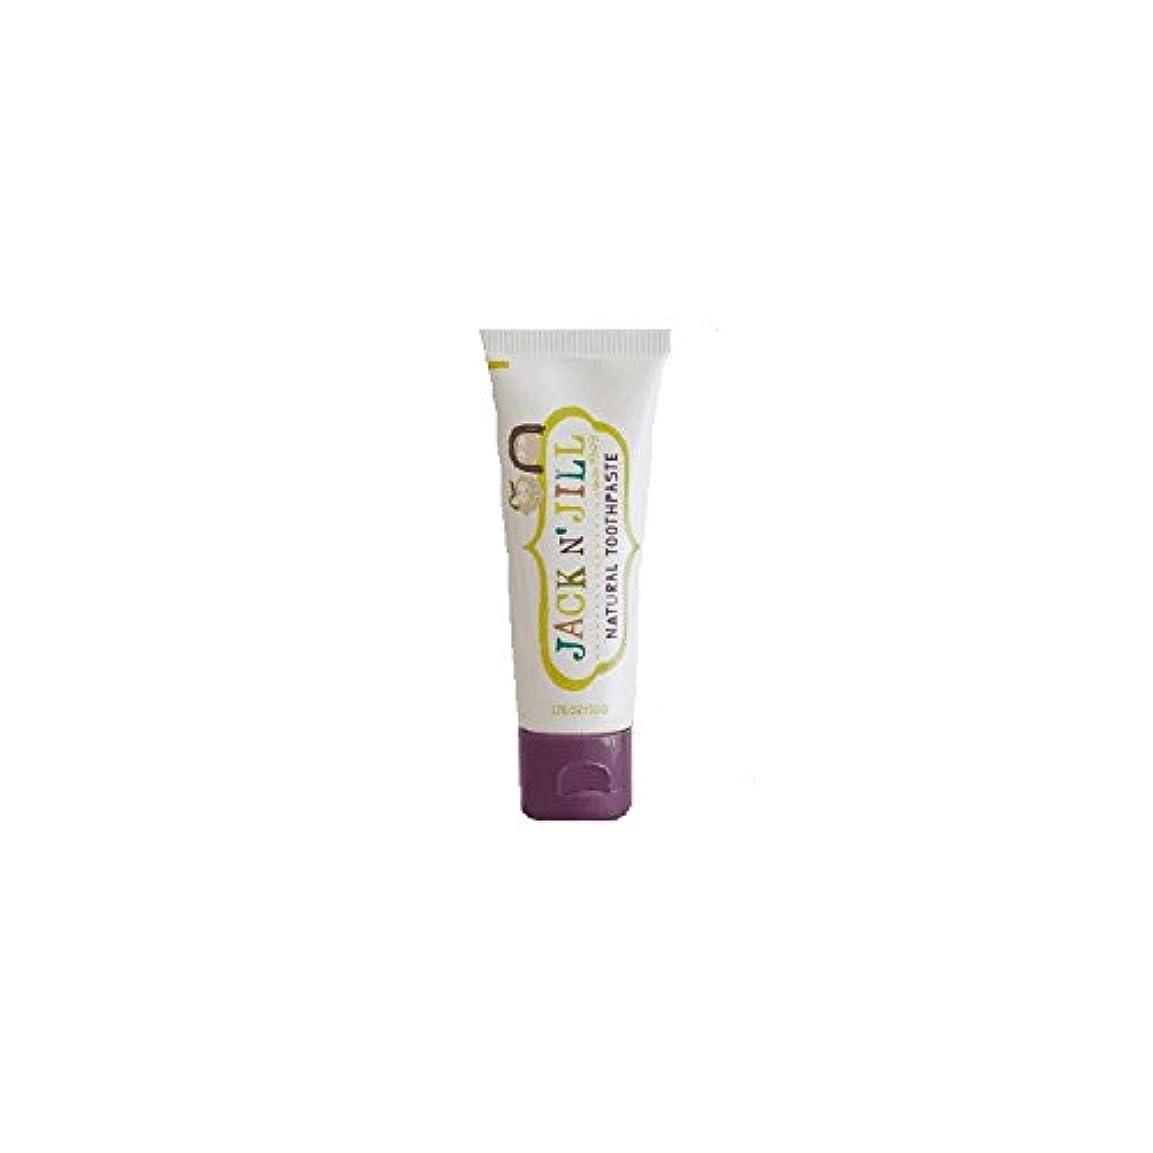 励起タイトル周術期Jack N' Jill Natural Toothpaste Organic Blackcurrant 50g (Pack of 2) - ジャックN 'はジルの天然歯磨き粉有機ブラックカラント50グラム (x2) [...